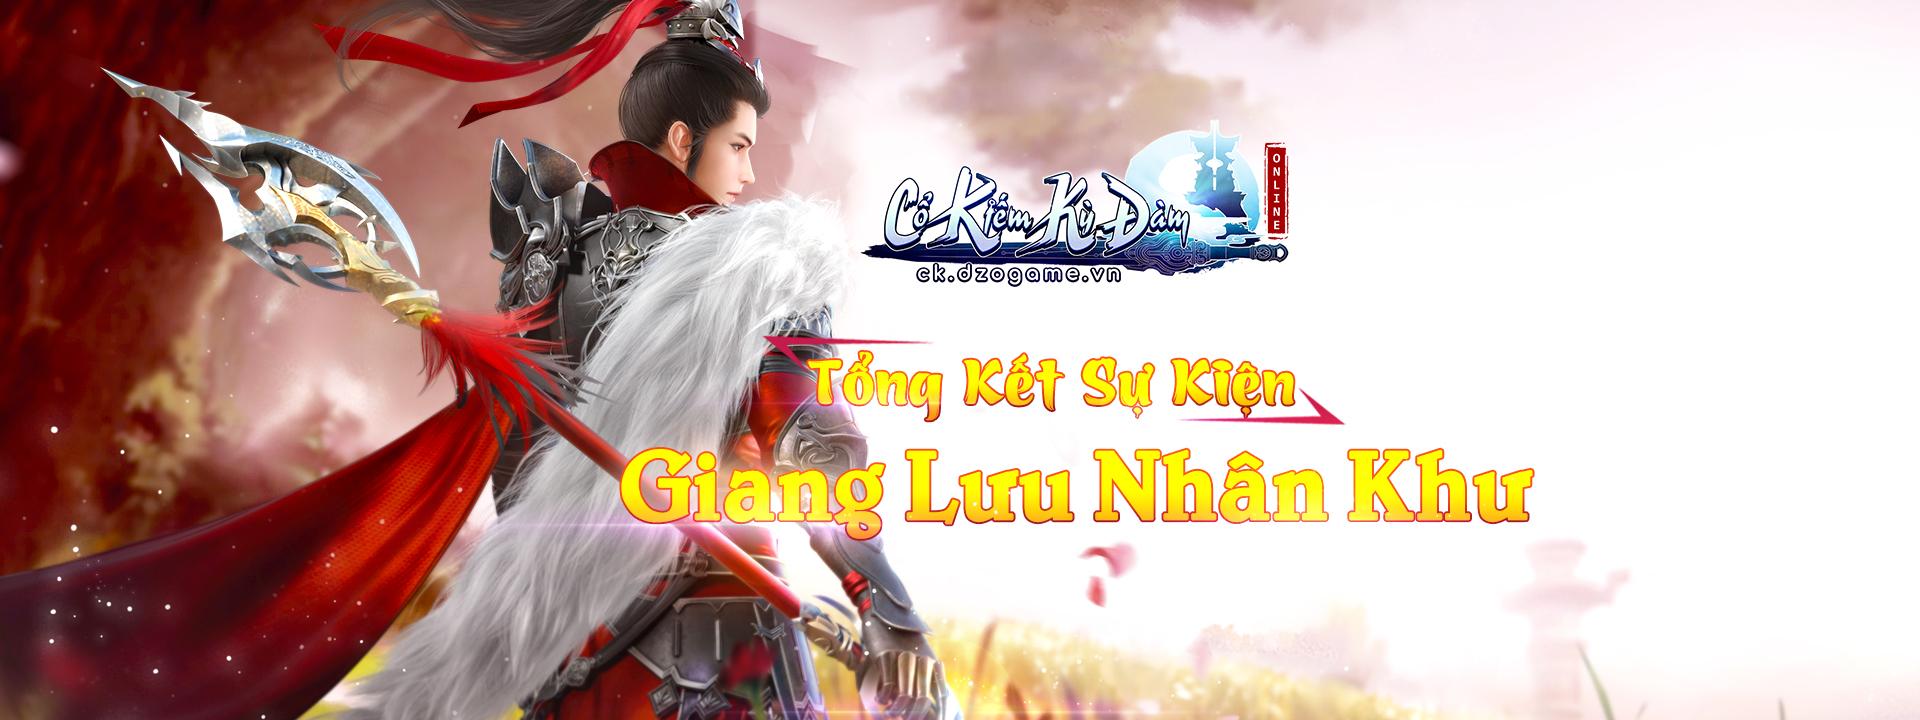 banner top TỔNG KẾT SỰ KIỆN GIANG LƯU NHÂN KHƯ